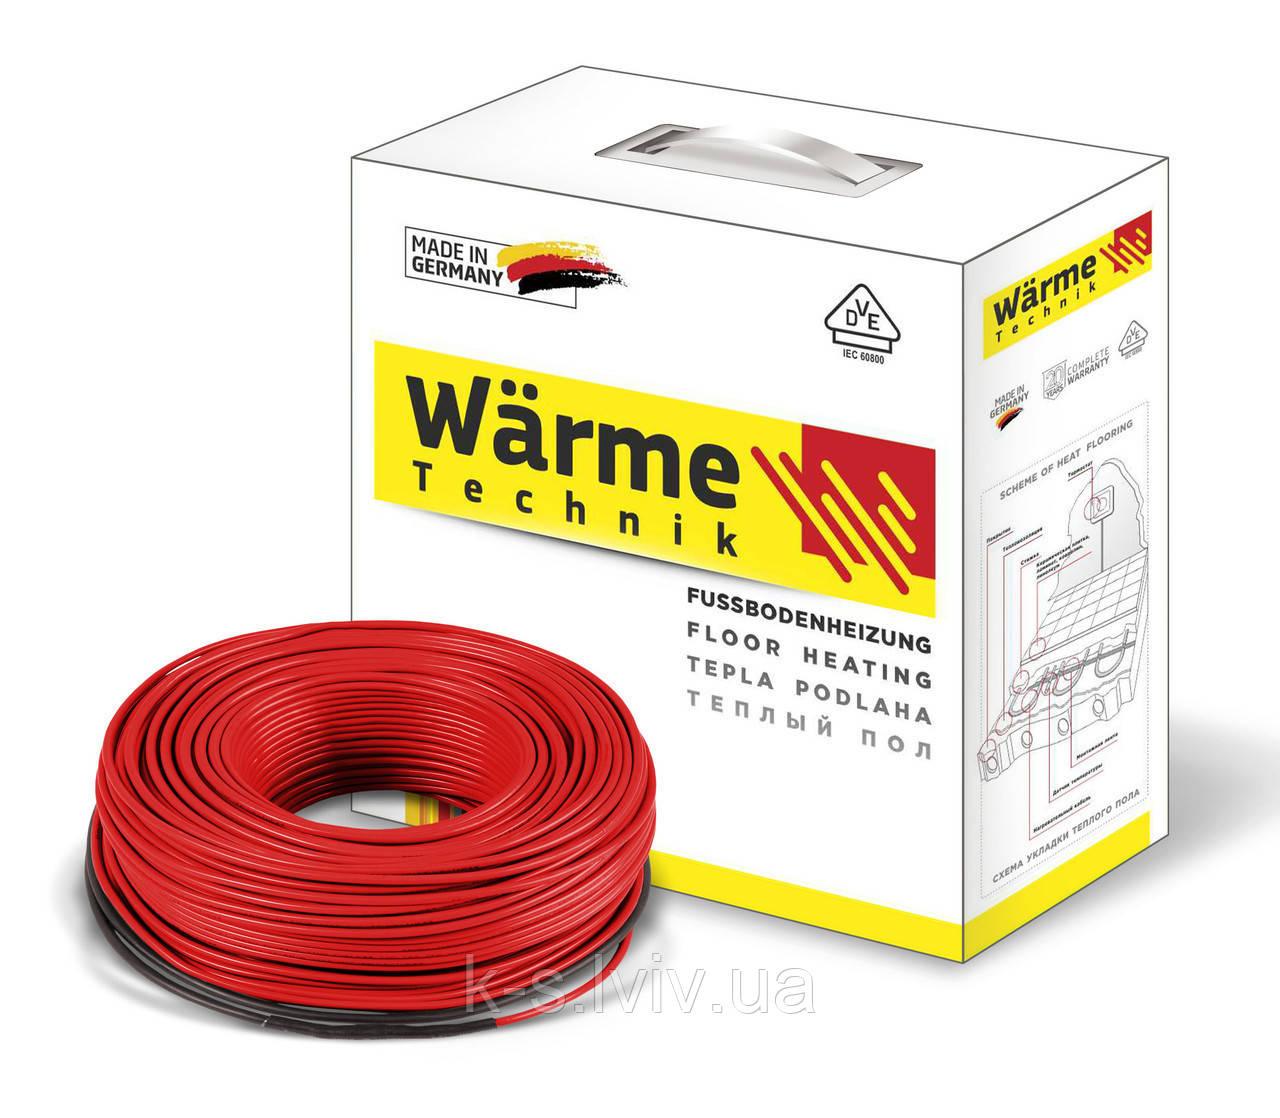 Двожильний нагрівальний тонкий кабель  Варм (Wärme) Twin flex cable  - 2100W/ 11,2-14,0м²